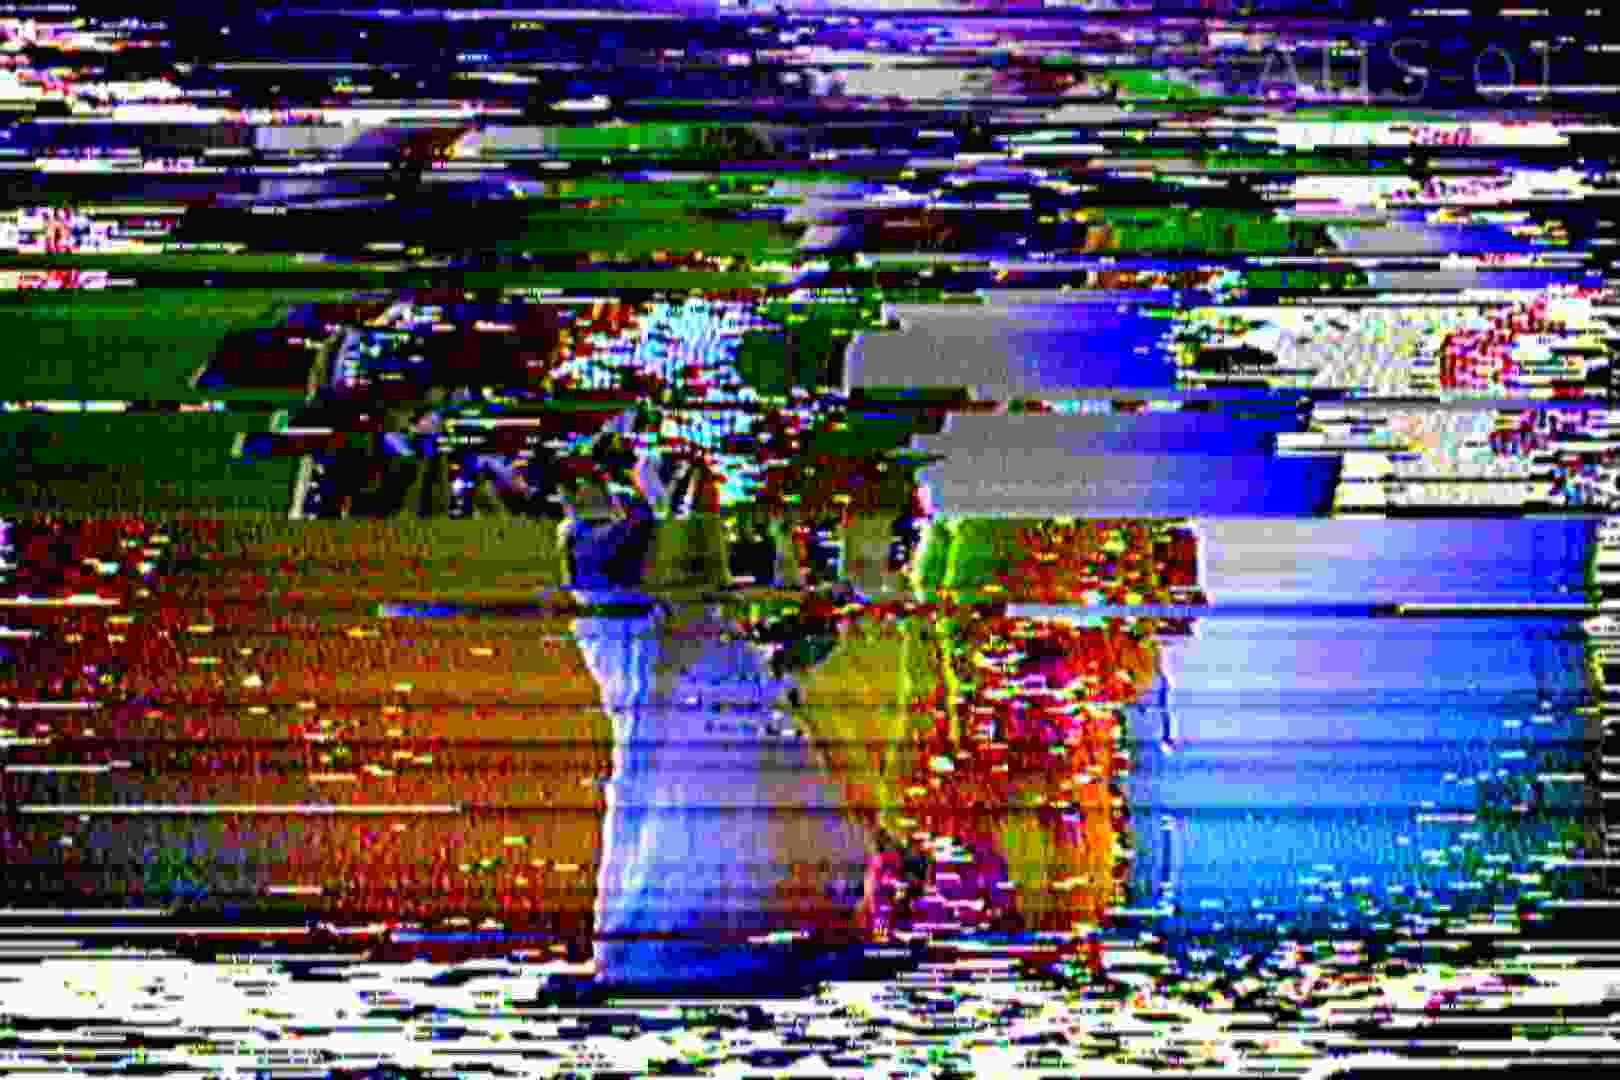 海の家の更衣室 Vol.01 美女のボディ セックス画像 105PIX 8